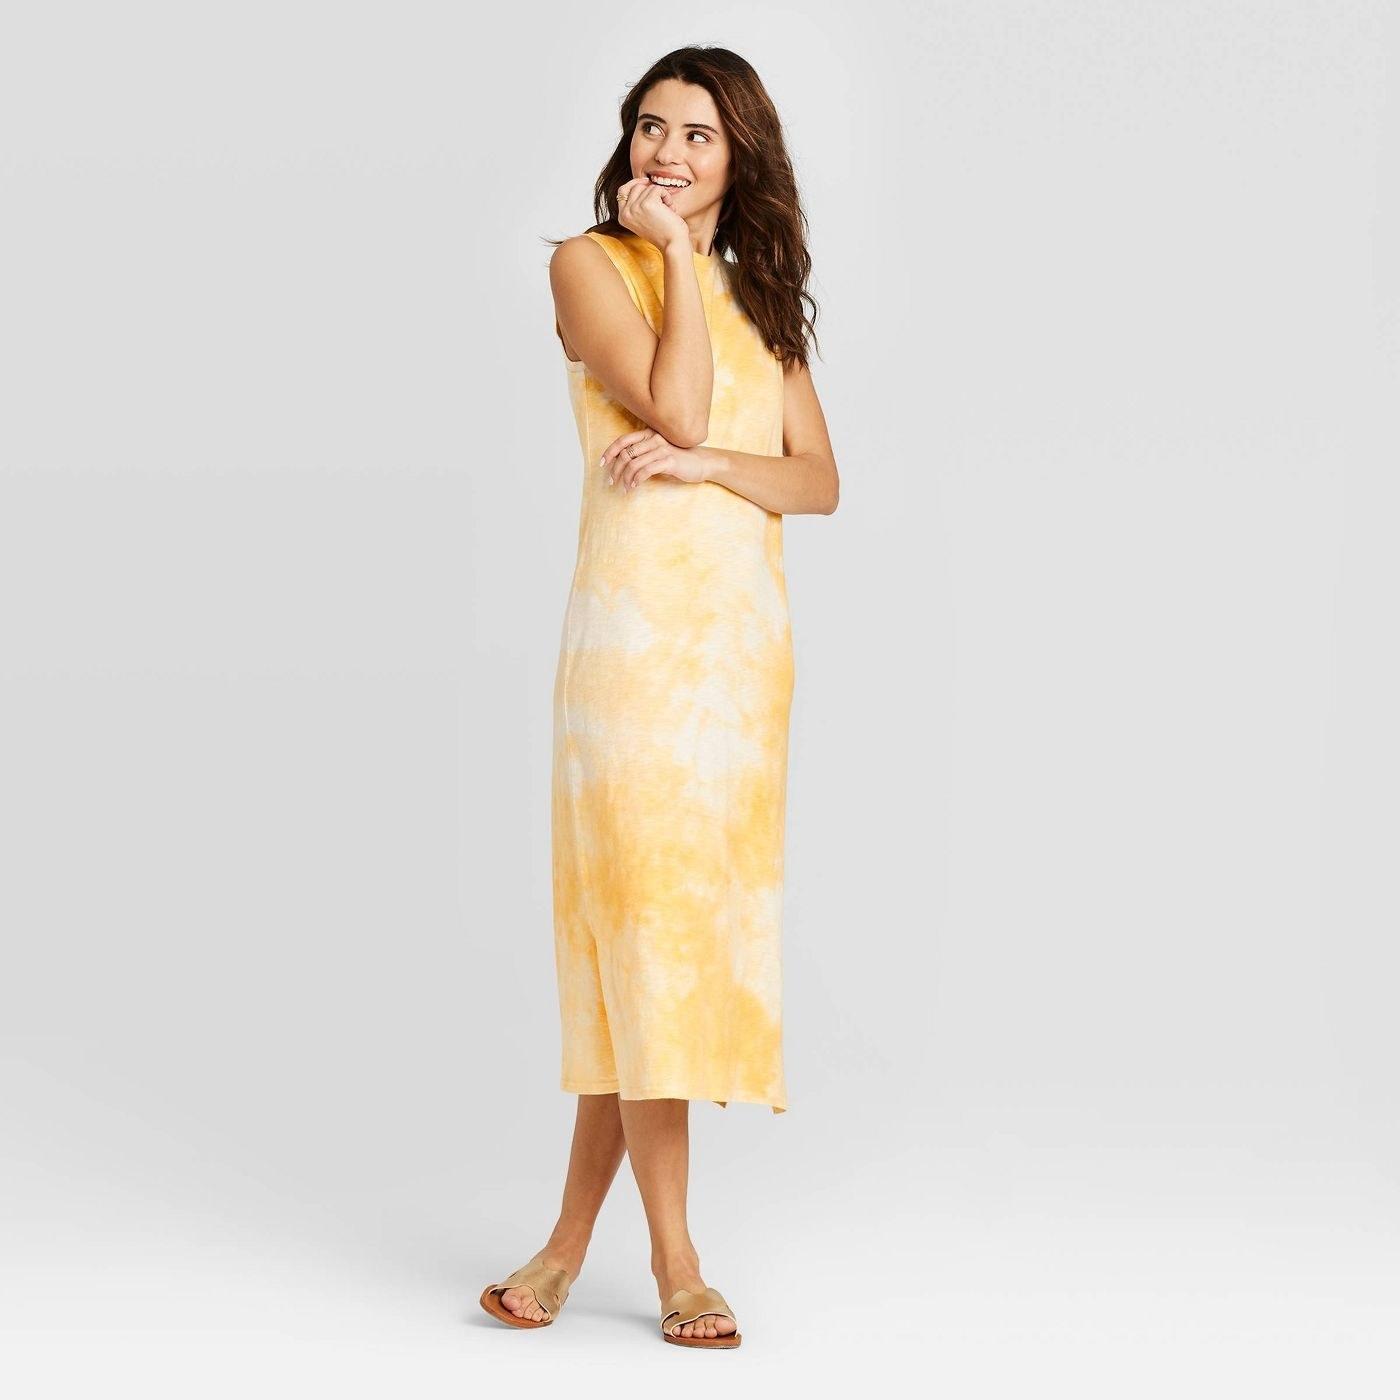 Model wearing yellow tie-dye dress